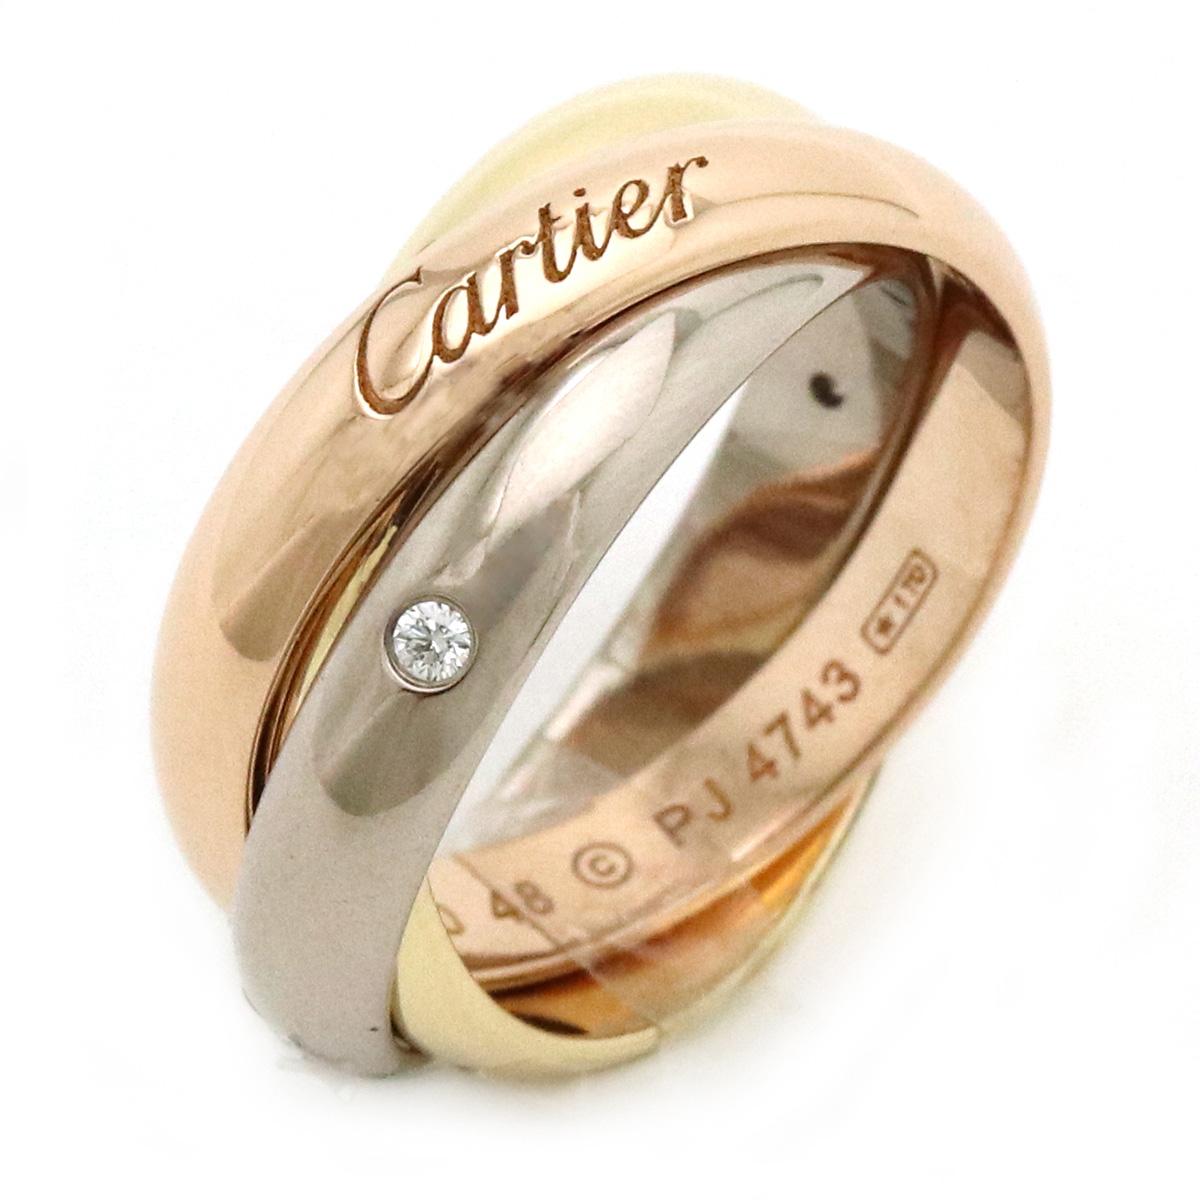 【ジュエリー】【新品仕上げ済】Cartier カルティエ トリニティ SM 5Pダイヤ リング 3連 スリーカラー K18 750 YG WG PG イエロー ホワイト ピンク ゴールド 8号 #48 B4088500 【中古】